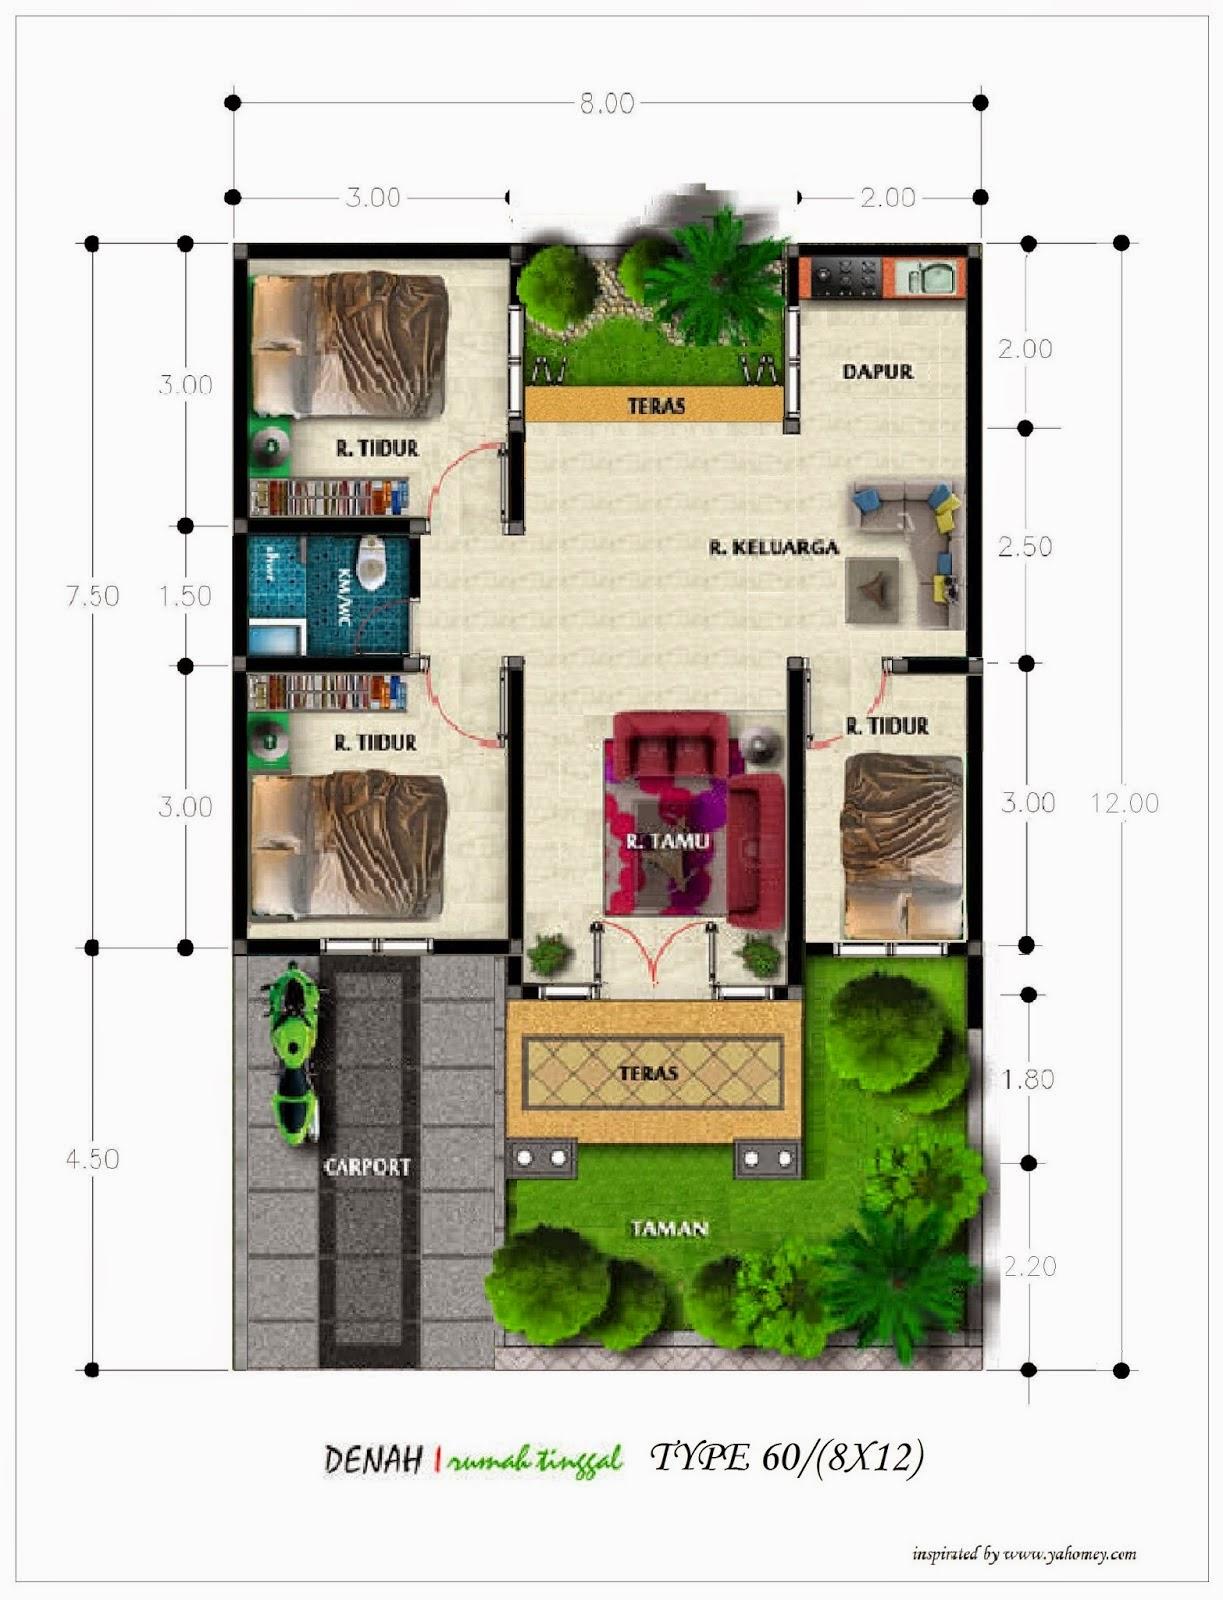 Kumpulan Desain Denah Rumah Minimalis Type 50 | Kumpulan ...